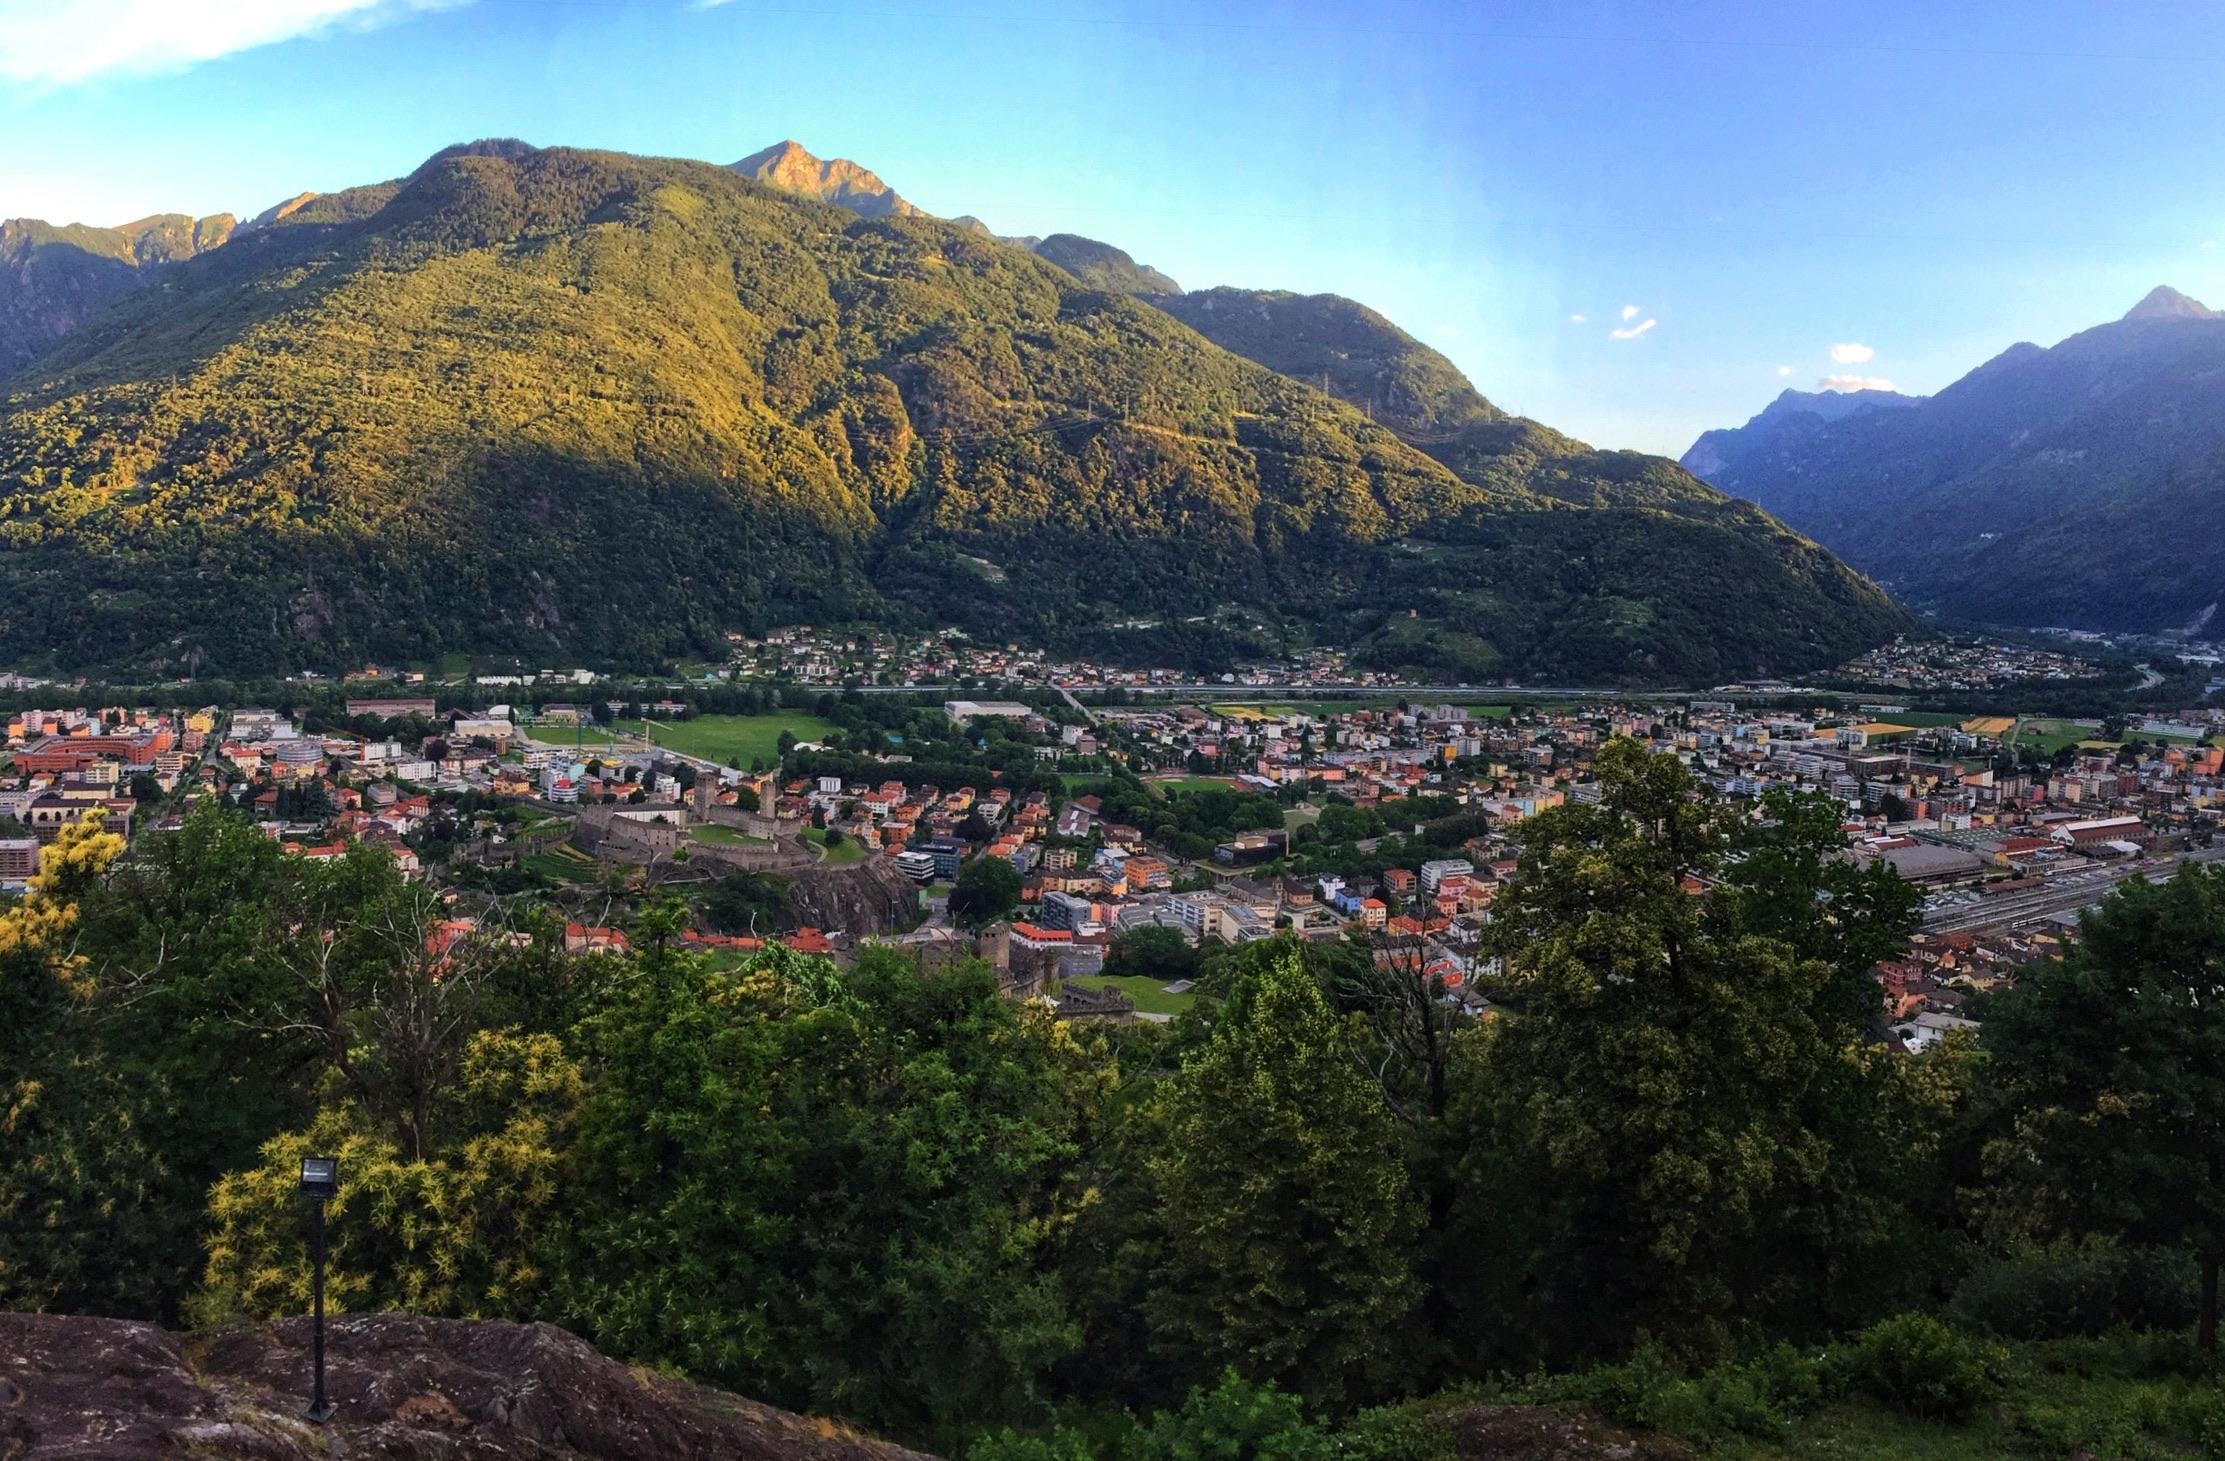 Bellinzona in the morning light.